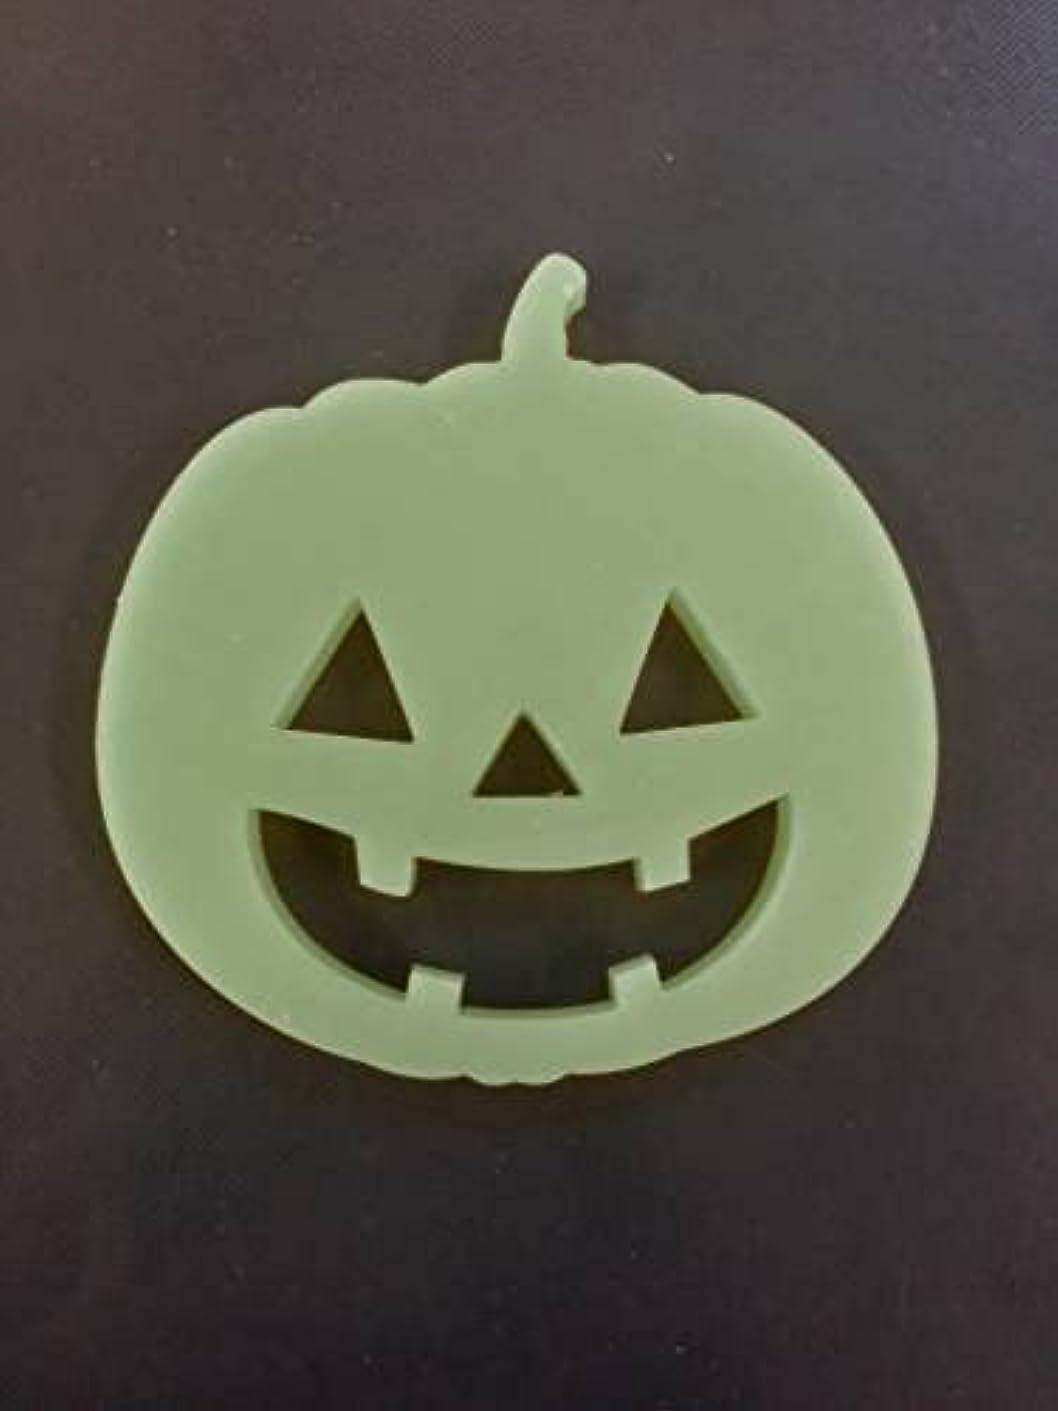 変色する開発関数GRASSE TOKYO AROMATICWAXチャーム「ハロウィンかぼちゃ」(GR) レモングラス アロマティックワックス グラーストウキョウ